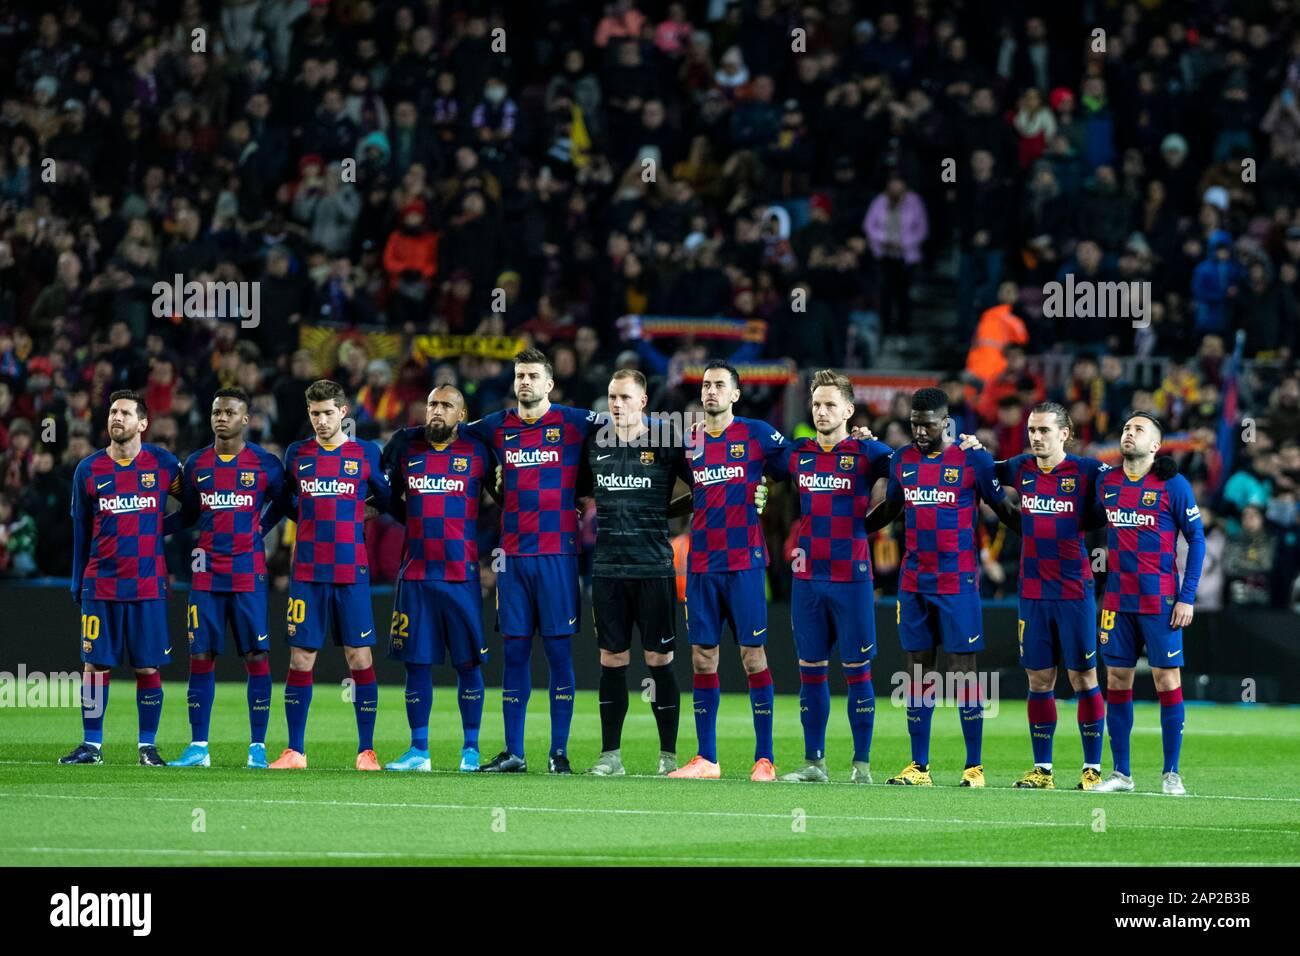 ¿Cuánto mide Ansu Fati? - Altura real: 1,73 - Real height - Página 2 Camp-nou-barcelona-cataluna-espana-19-ene-2020-la-liga-de-futbol-barcelona-versus-granada-equipo-fc-barcelona-durante-1-minuto-de-silencio-pre-game-uso-editorial-credito-ademas-de-los-deportes-de-accion-alamy-live-news-2ap2b3b